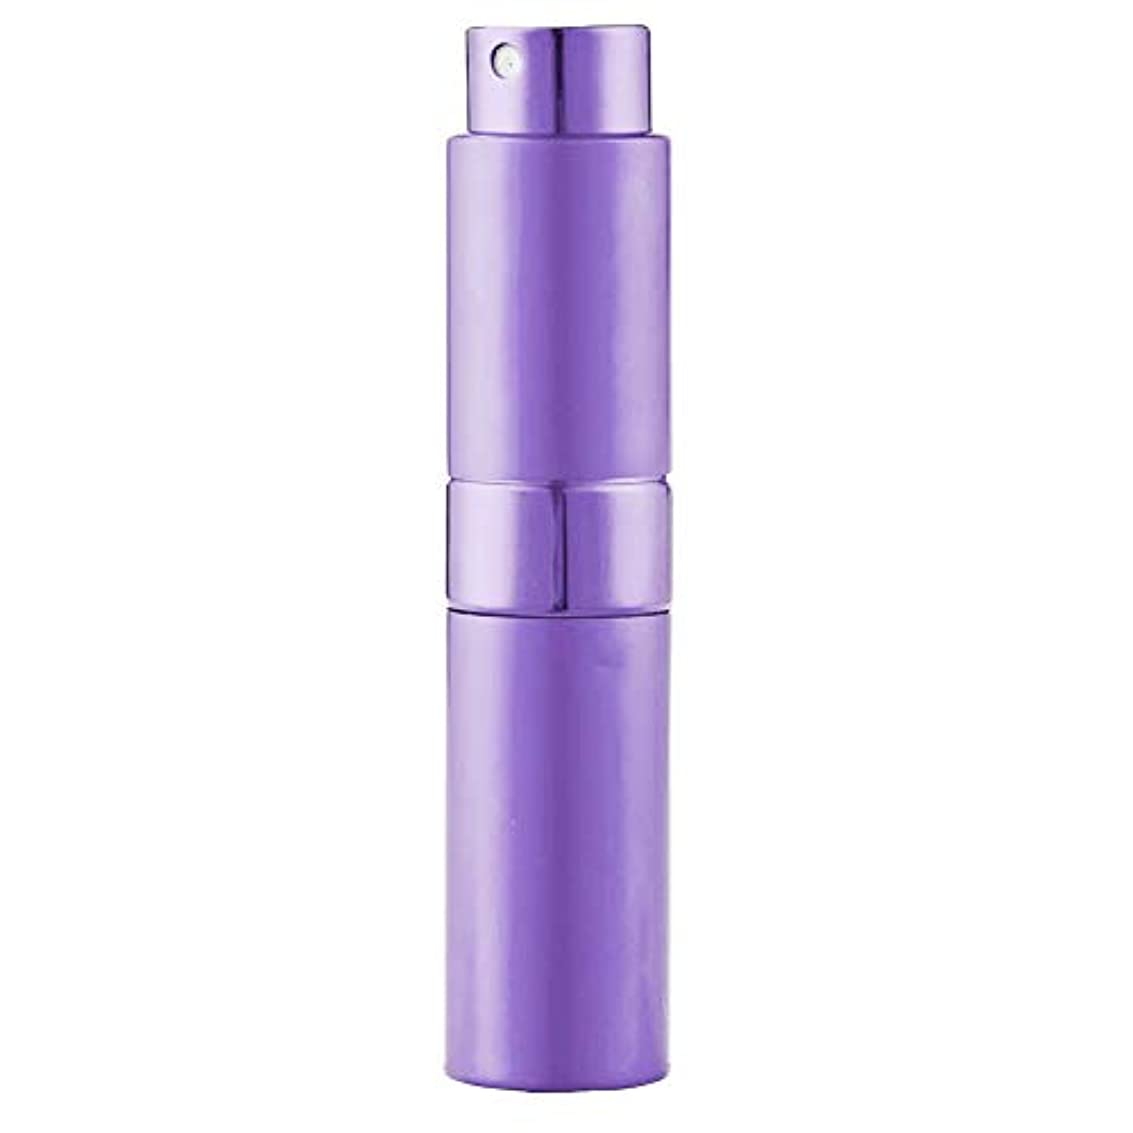 仲介者強盗ベリLadygogo 香水アトマイザーセット 回転プッシュ式 スプレー ボトル 香水スプレー 詰め替え 持ち運び 身だしなみ 携帯用 男女兼用 (紫)